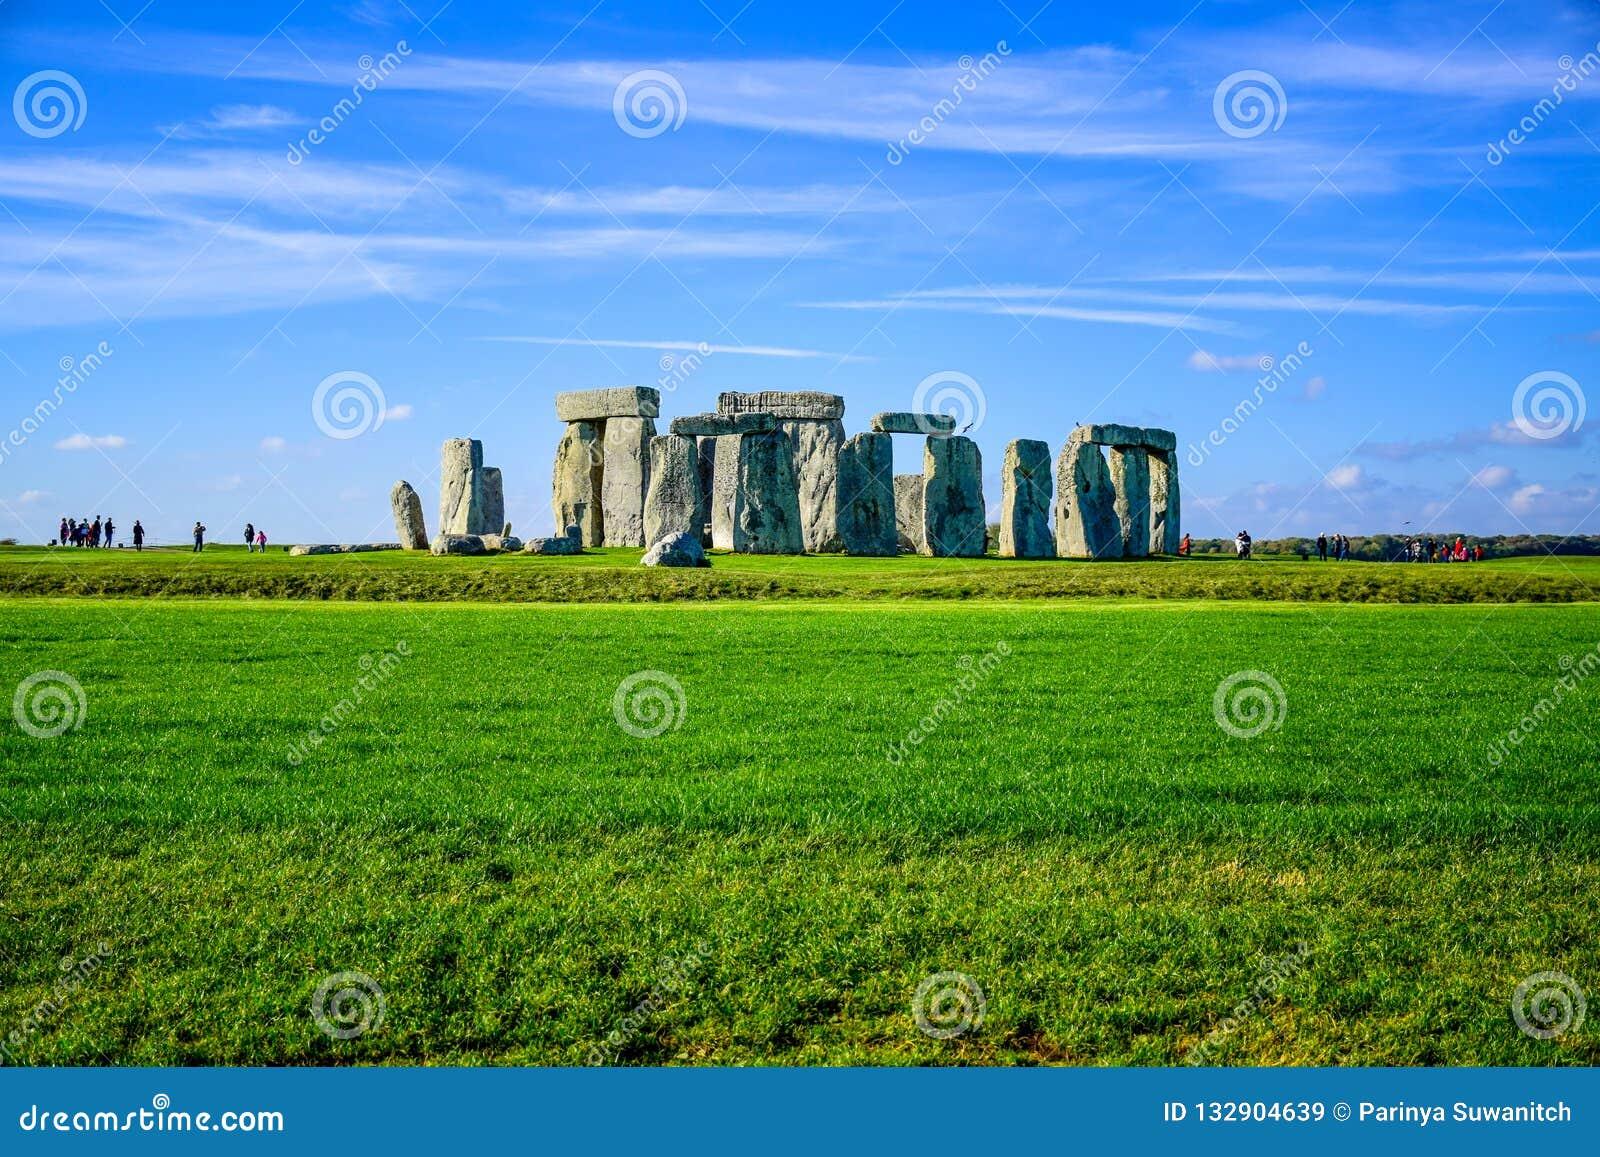 Opinião da paisagem de Stonehenge em Salisbúria, Wiltshire, Inglaterra, Reino Unido